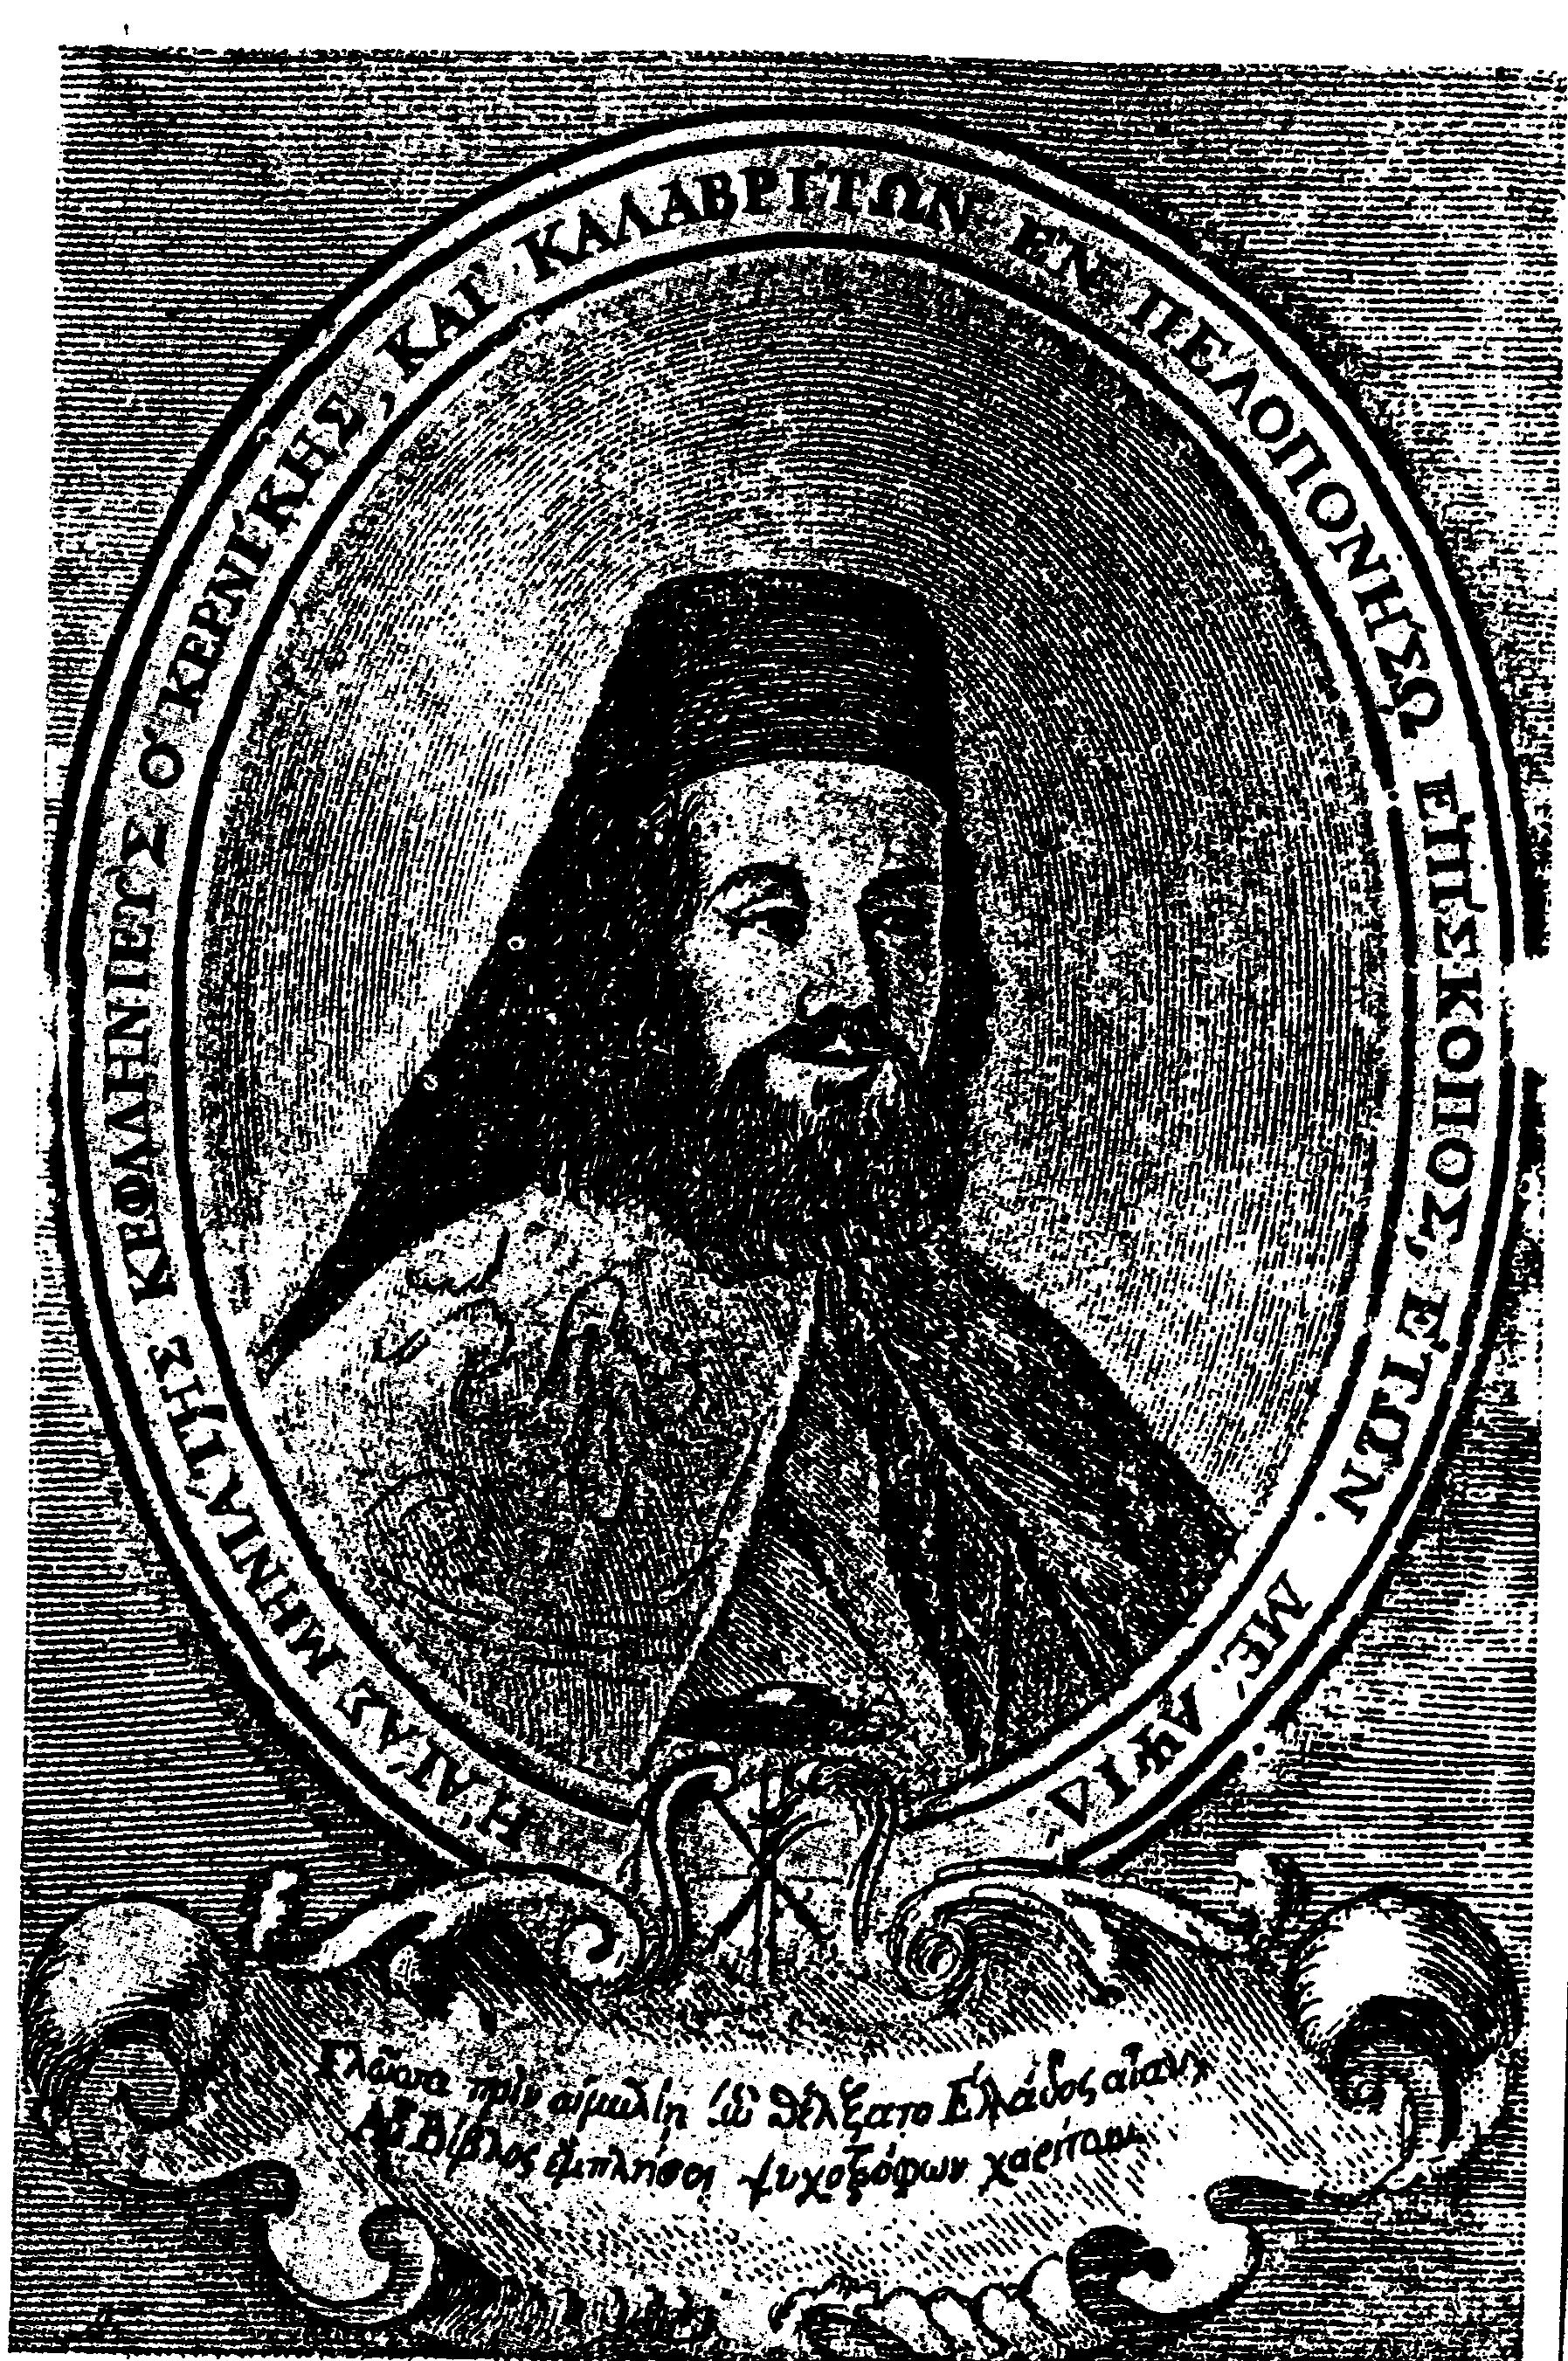 Ο Ηλίας Μηνιάτης γεννήθηκε στο Ληξούρι Κεφαλληνίας το 1669 από τον ιερέα Φραγκίσκο Μηνιάτη και την Μορεζίνα Περιστιάνου.